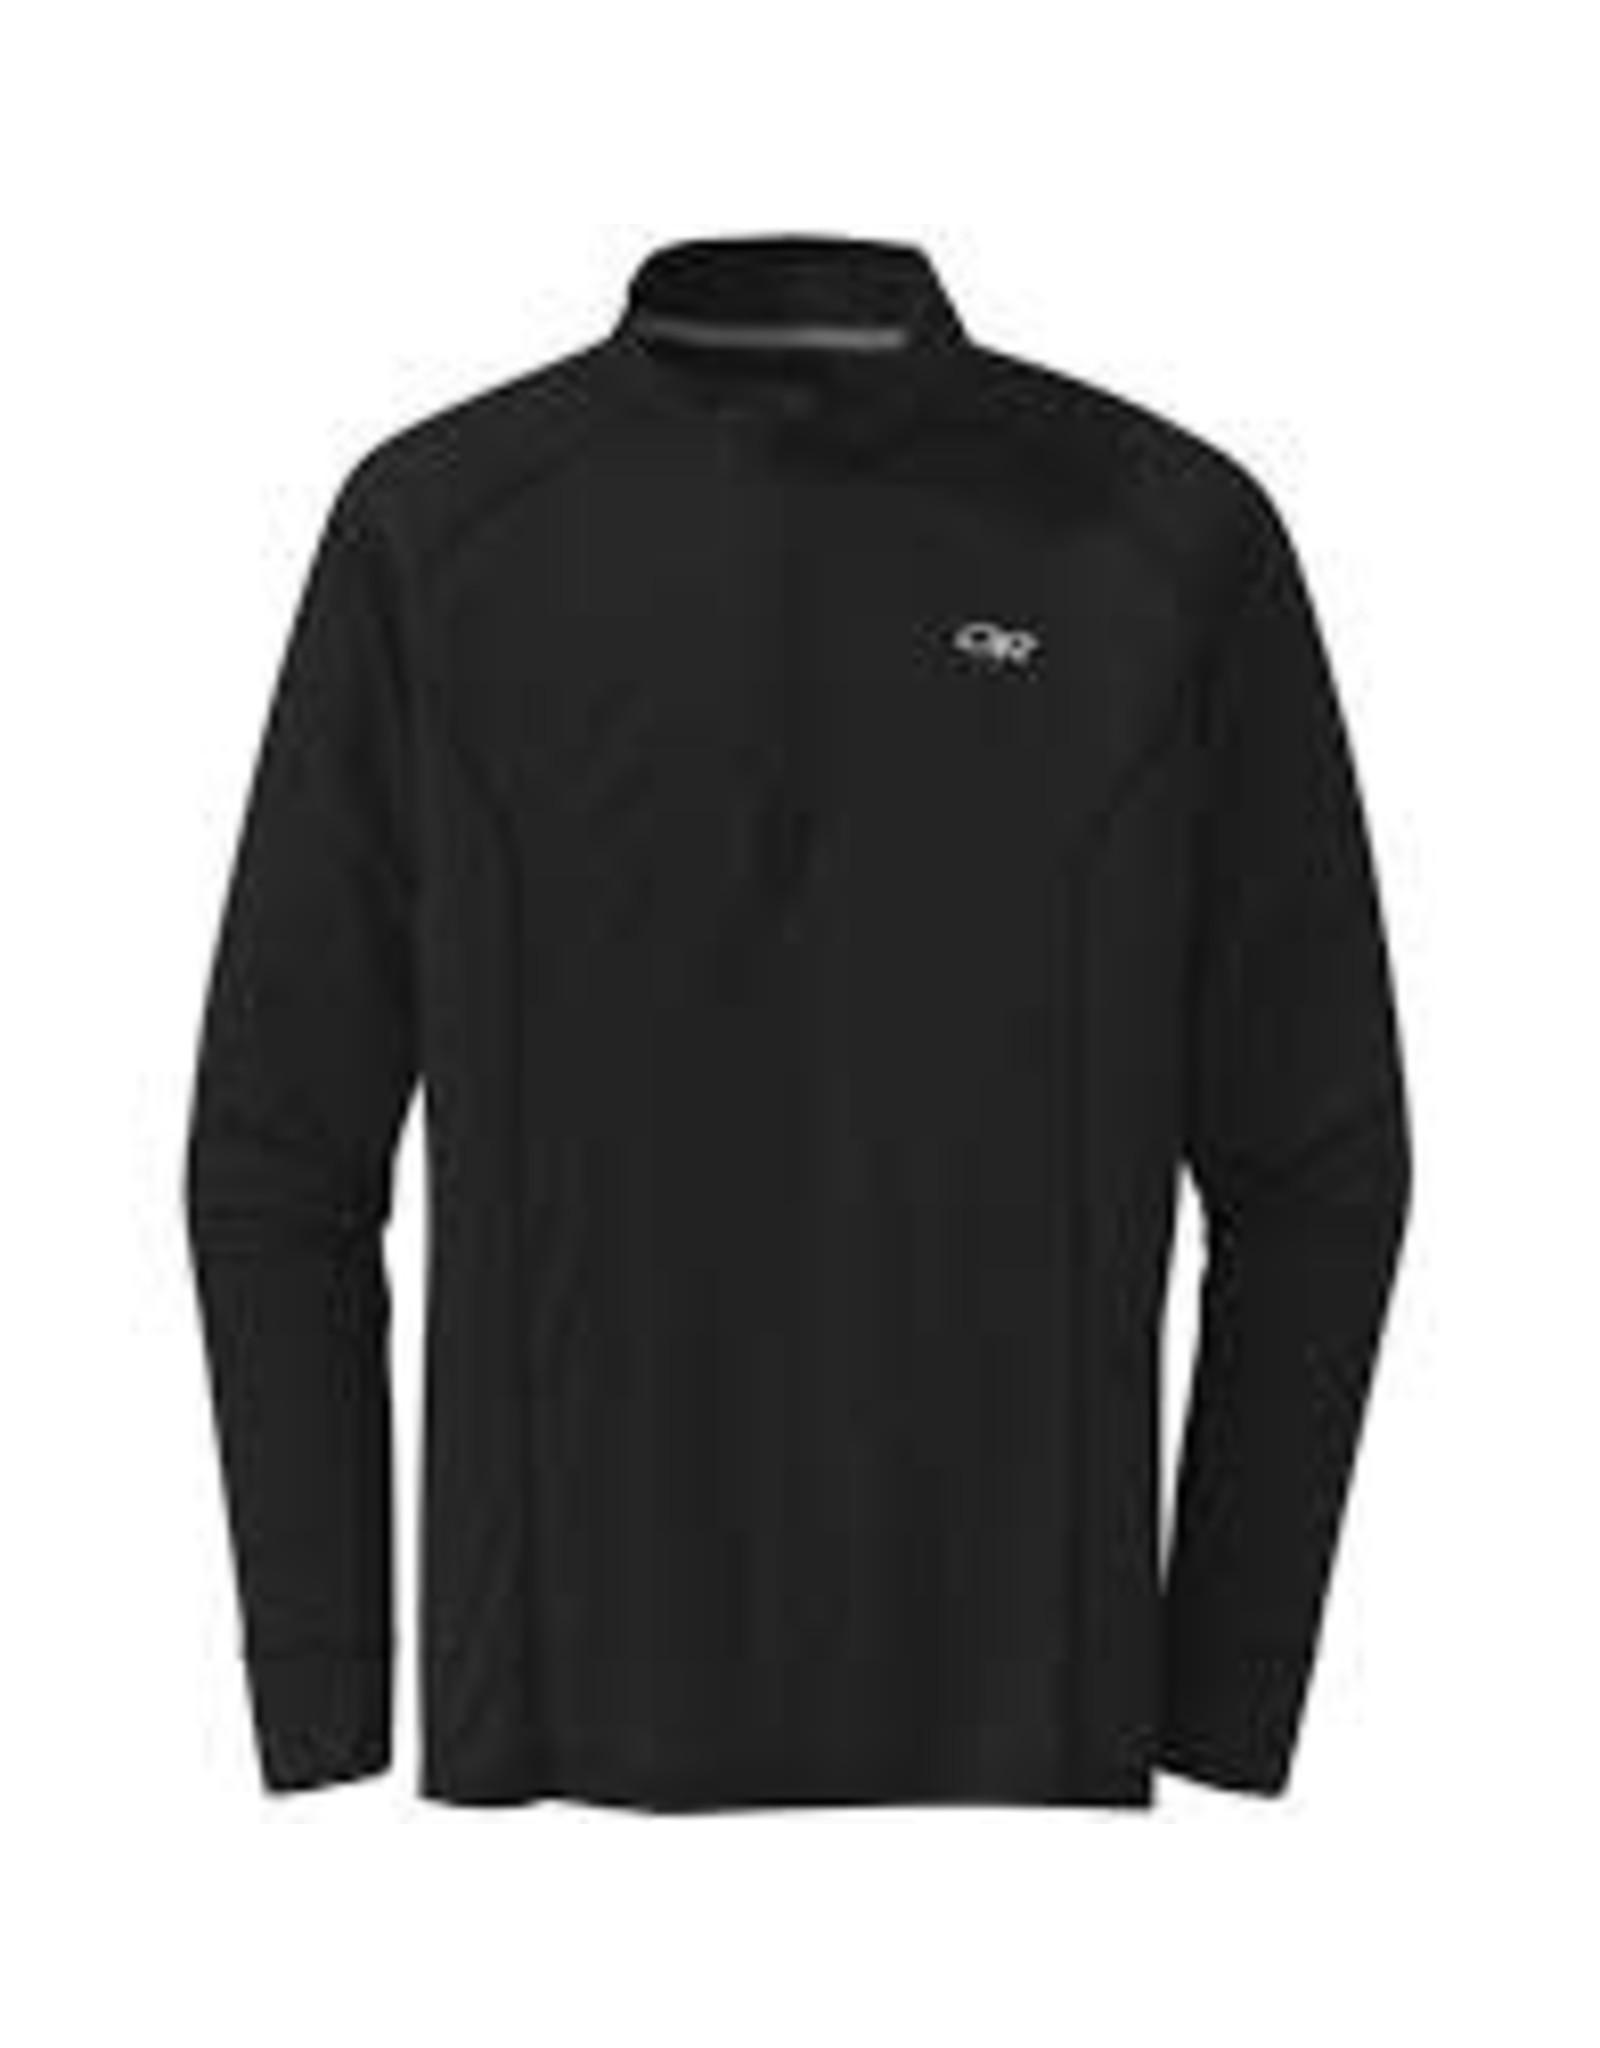 Outdoor Research Outdoor Research Men's Echo Quarter Zip Black XL